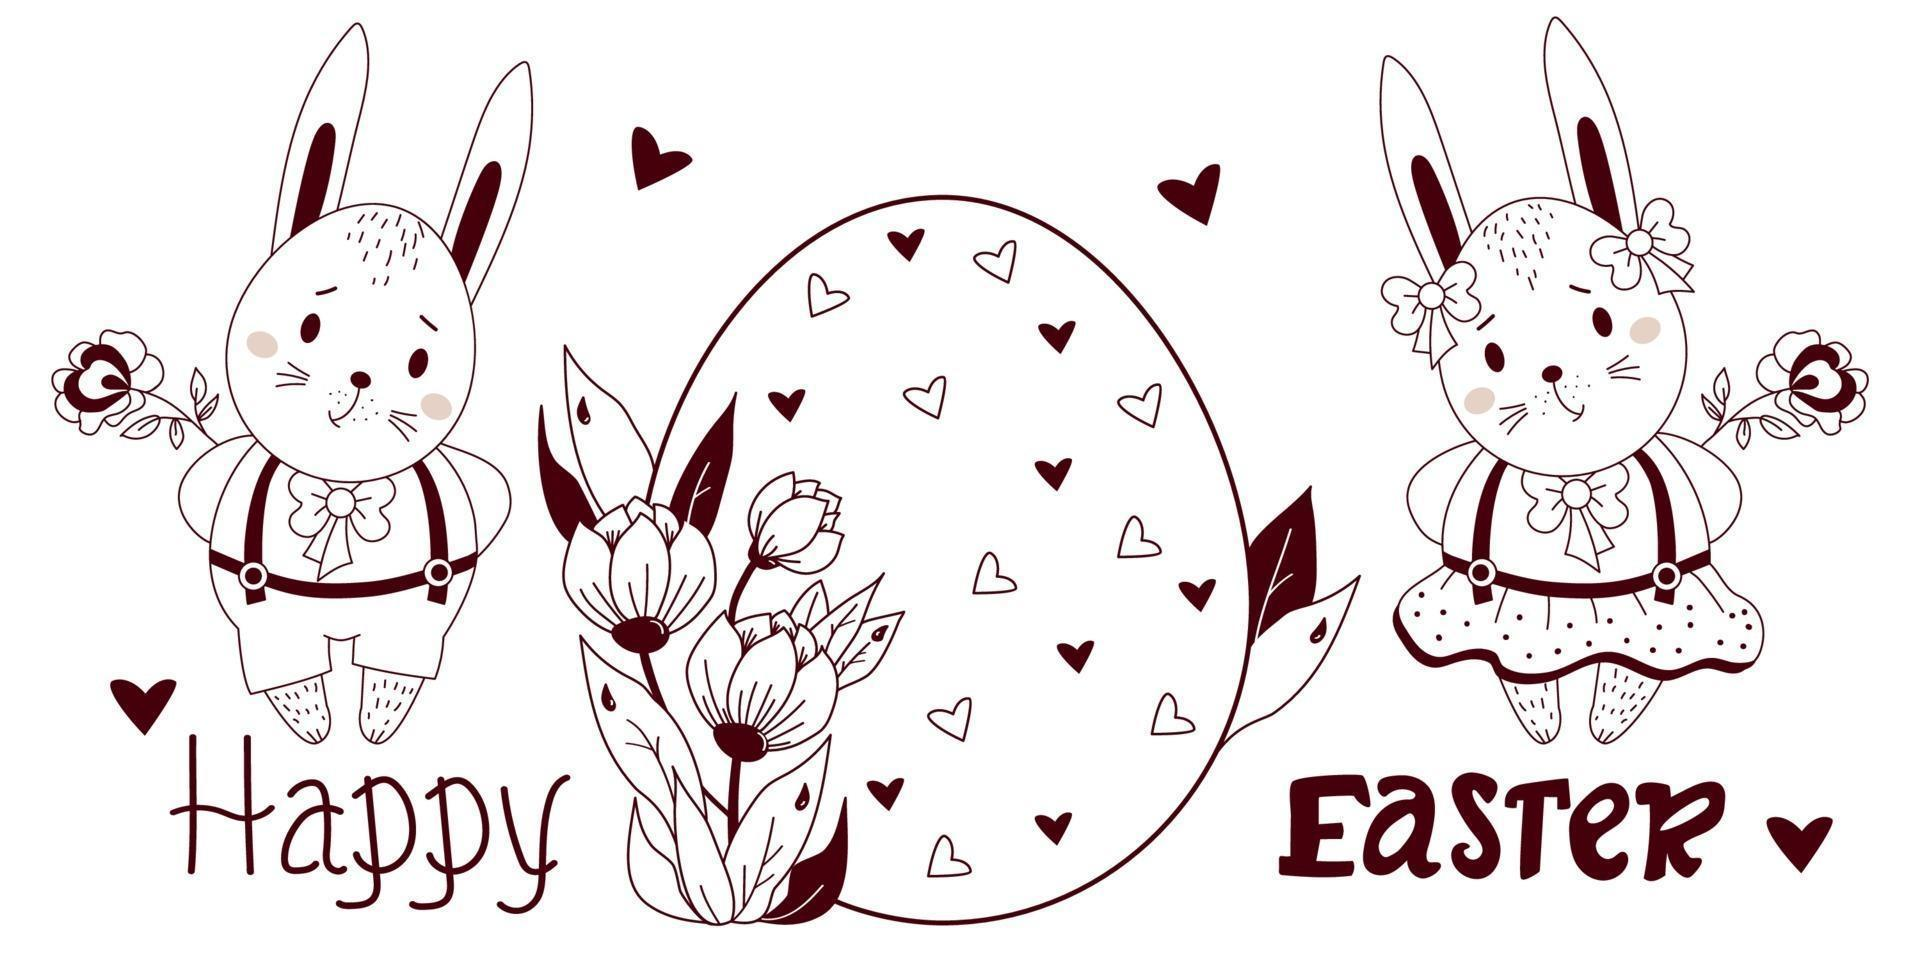 Feliz Páscoa - cartão com lindos coelhinhos da Páscoa. menino e menina com um grande ovo de Páscoa e flores. ilustração vetorial, esboço. para design, decoração, cartões comemorativos e impressão, registro, parabéns vetor